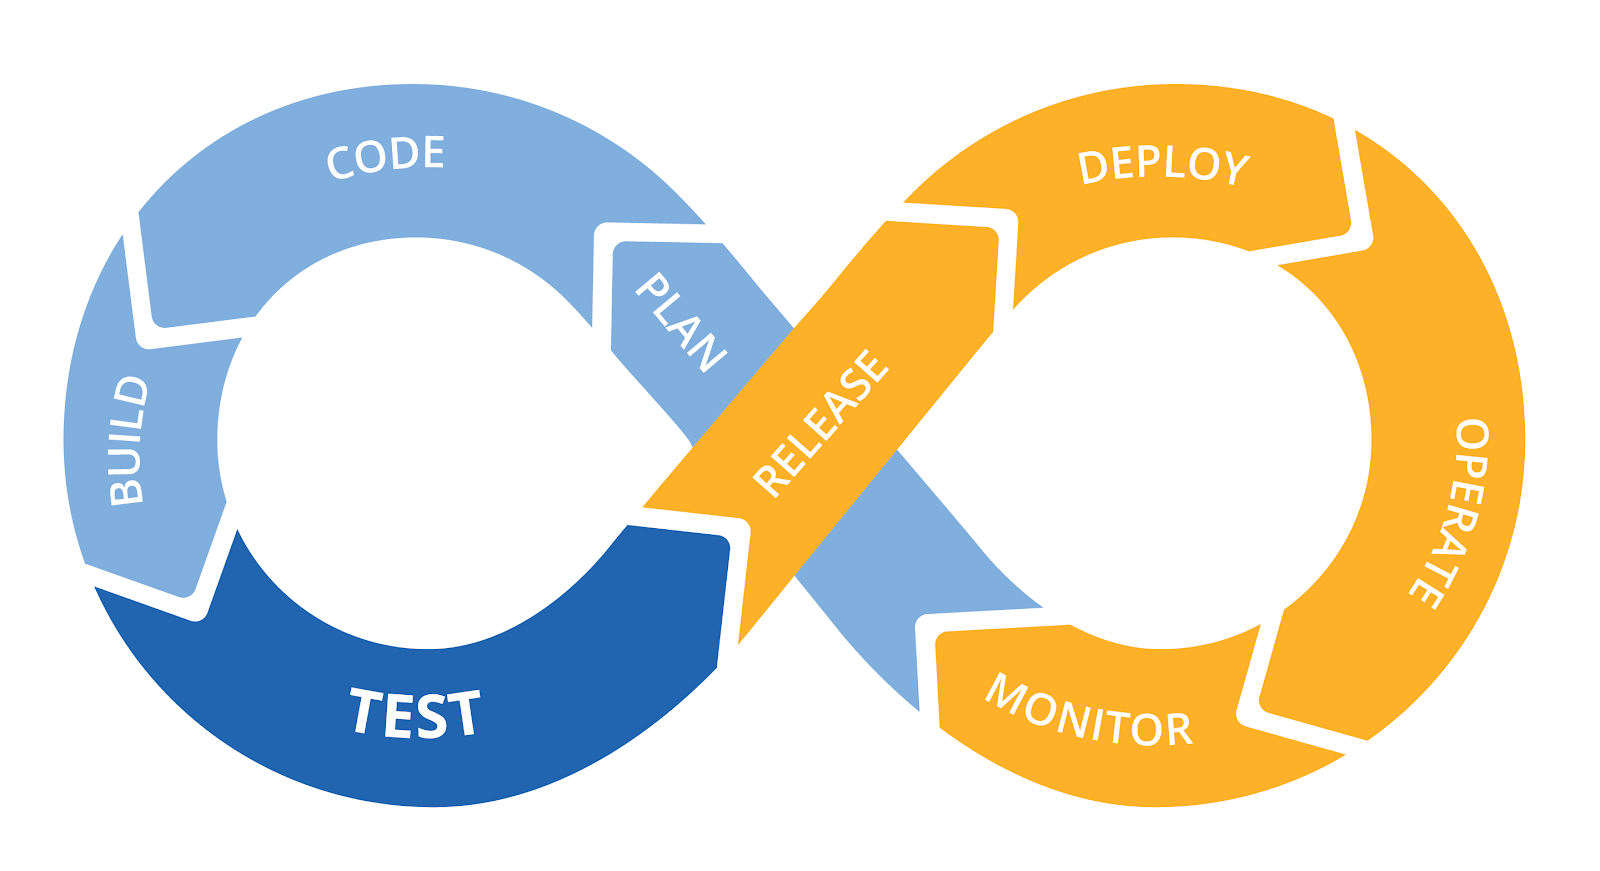 DevOps -software development cycle